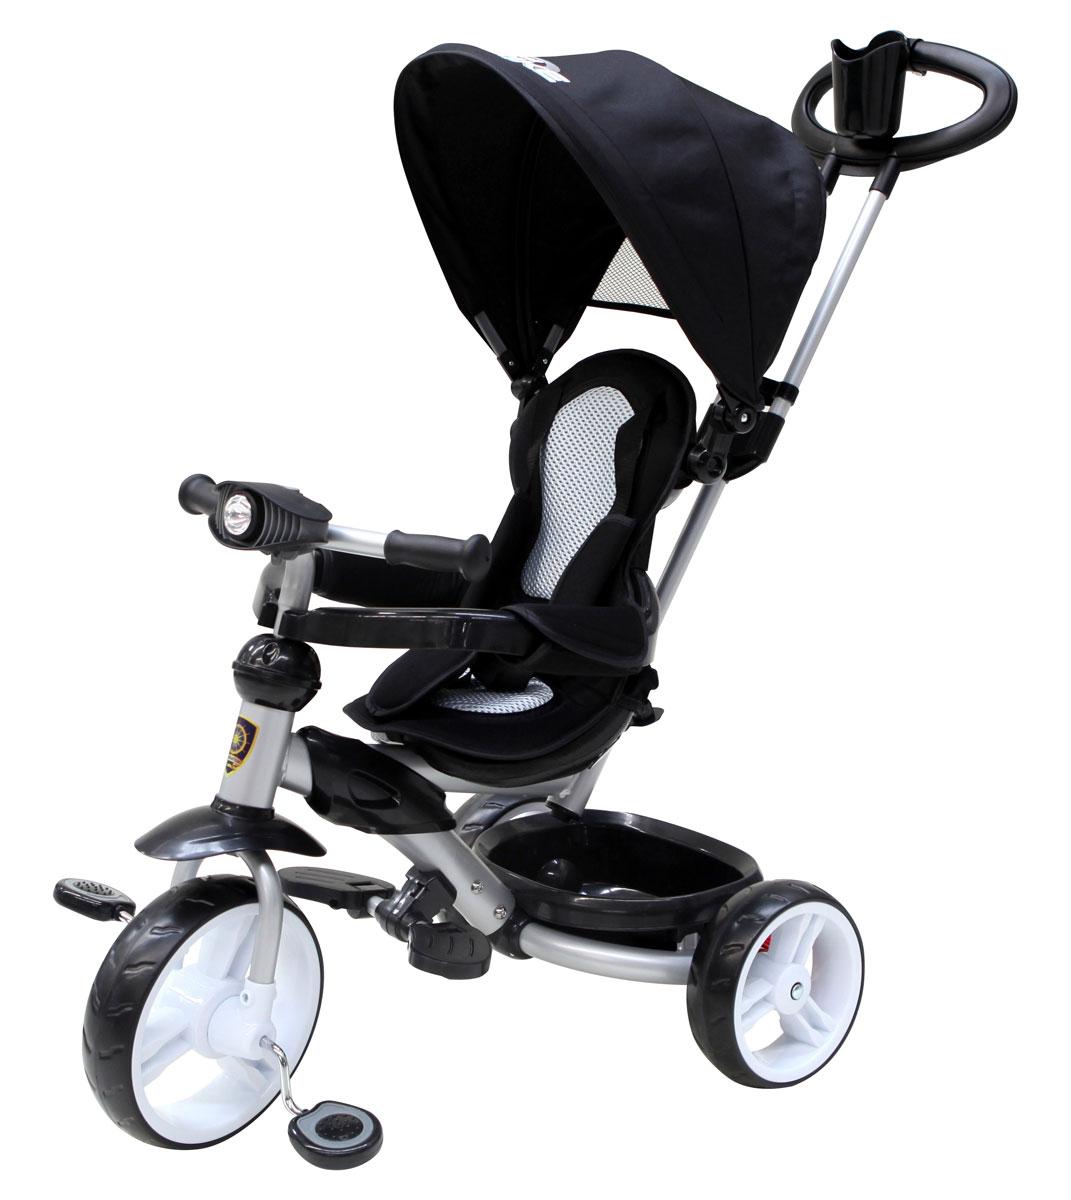 Navigator Трехколесный велосипед Lexus цвет черный navigator самокат двуколесный цвет черный оранжевый